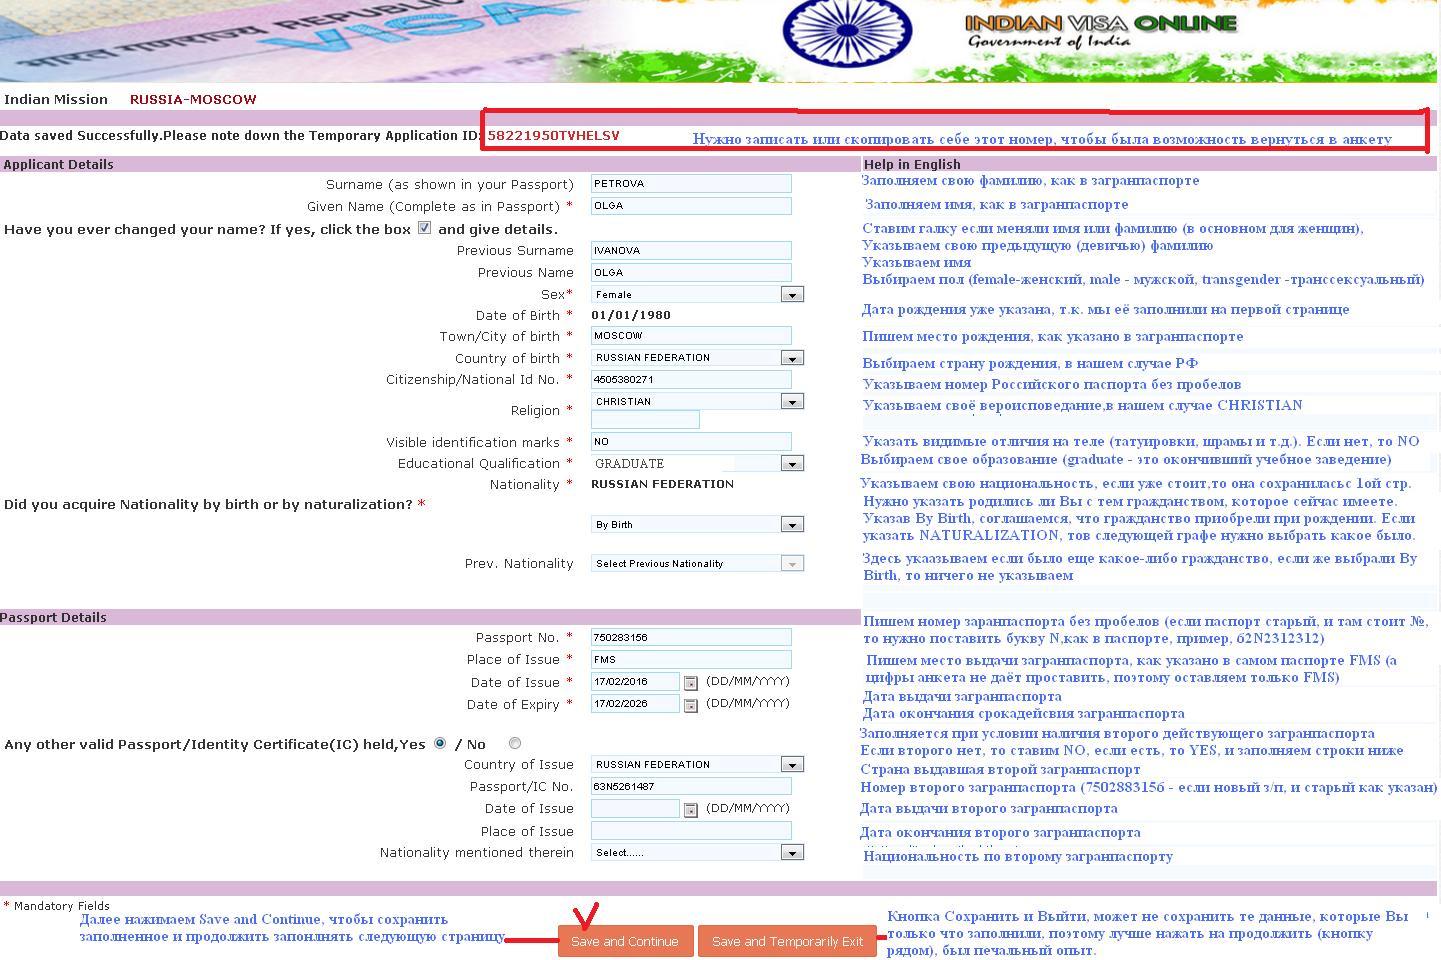 Подробная информация для визы в Индию